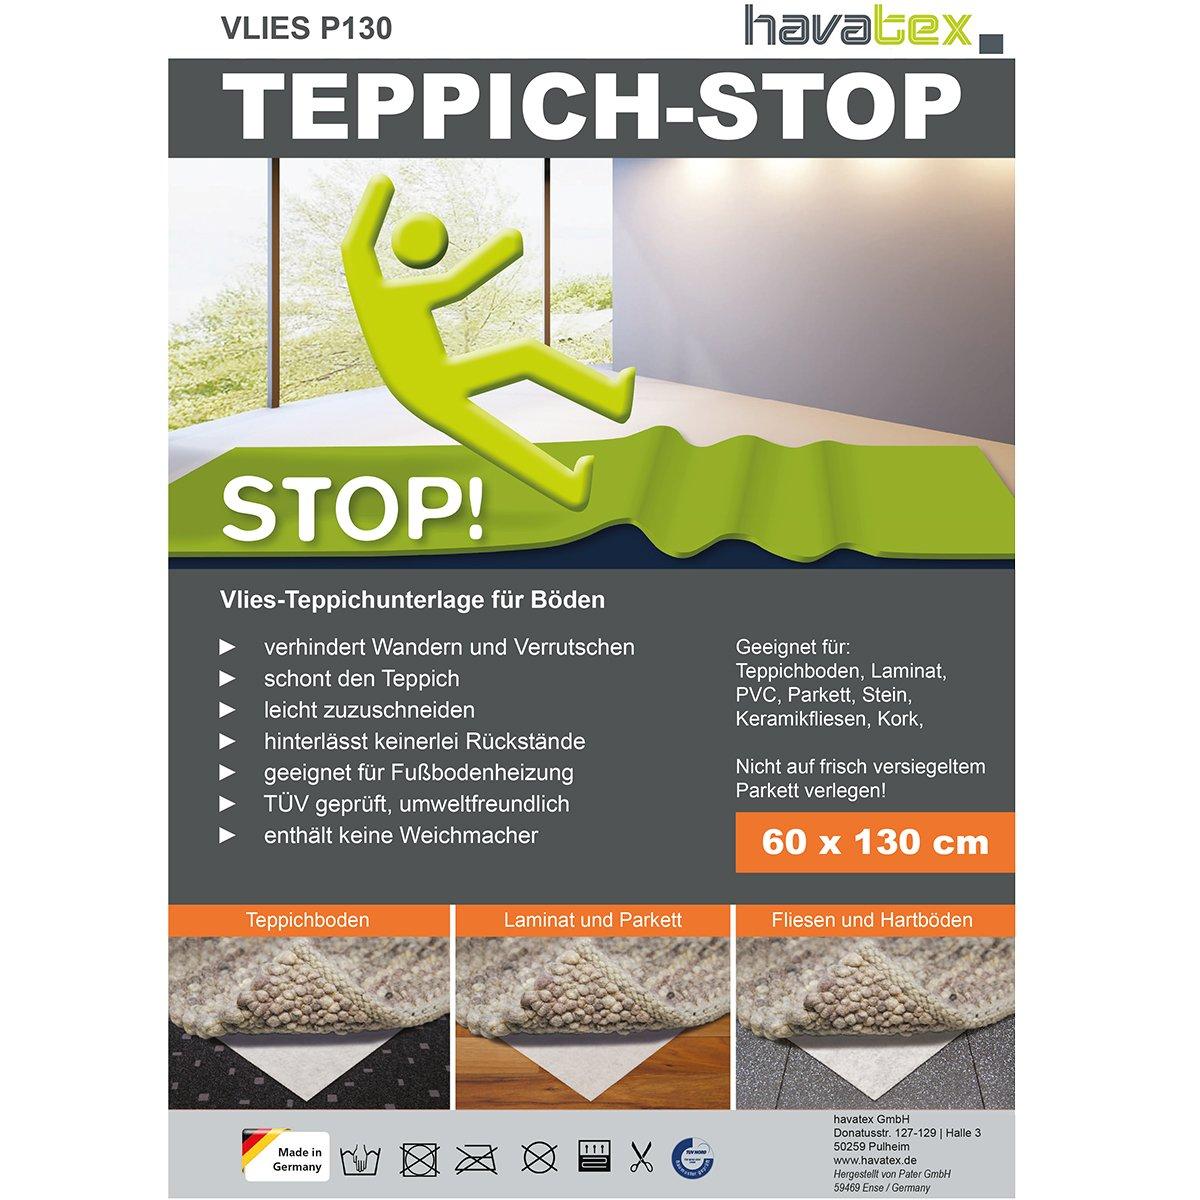 havatex Anti-Rutsch Teppich Unterlage VLIES P130 - Größe wählbar   Teppich-Stopper Anti-Rutsch-Matte   Made in Germany   leicht zuzuschneiden   TÜV geprüft, Öko-Tex Siegel, Größe:290 x 390 cm